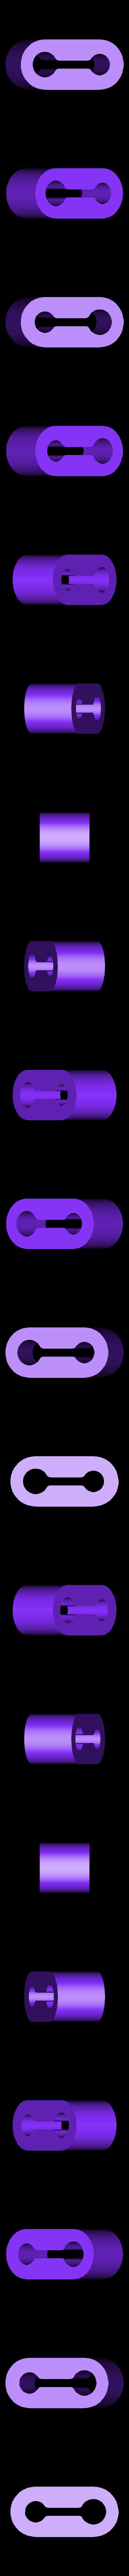 Indicator-Shaft-support.STL Télécharger fichier STL gratuit Support pour comparateur à cadran • Modèle imprimable en 3D, perinski